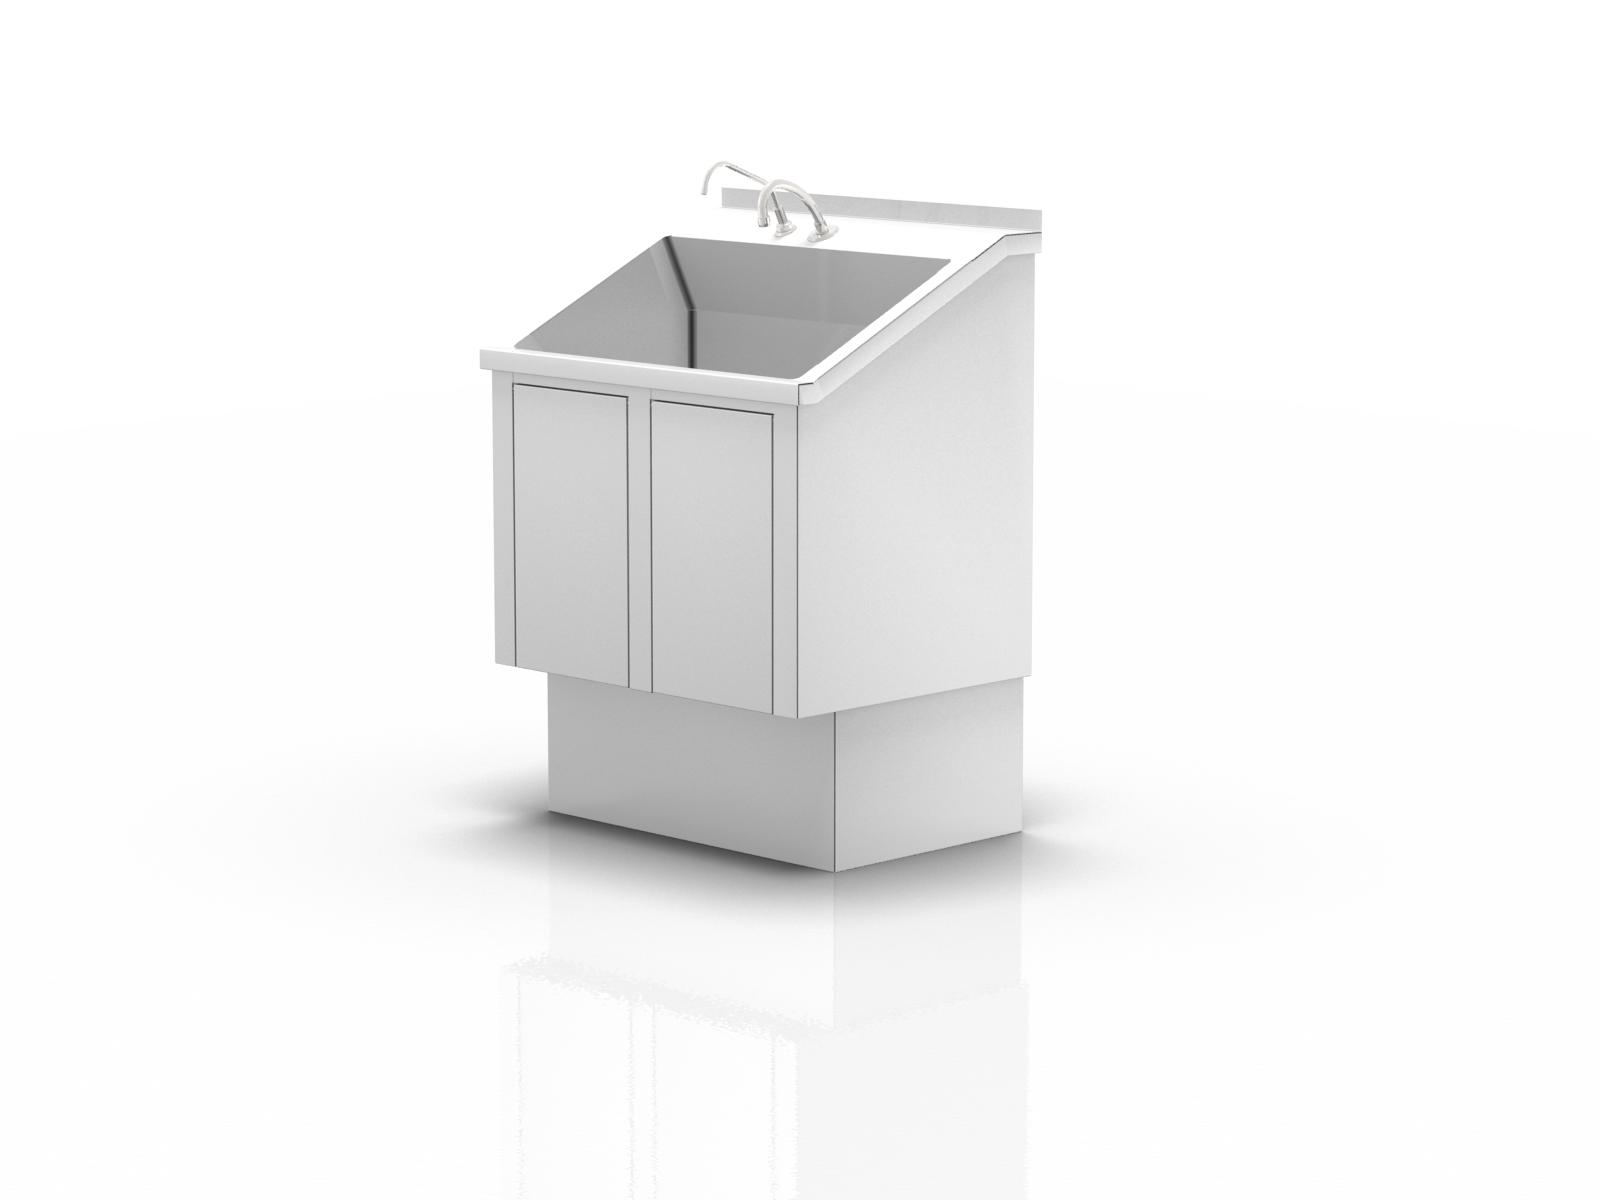 Myjnia chirurgiczna jednostanowiskowa z kolanowym podajnikiem mydła i wody